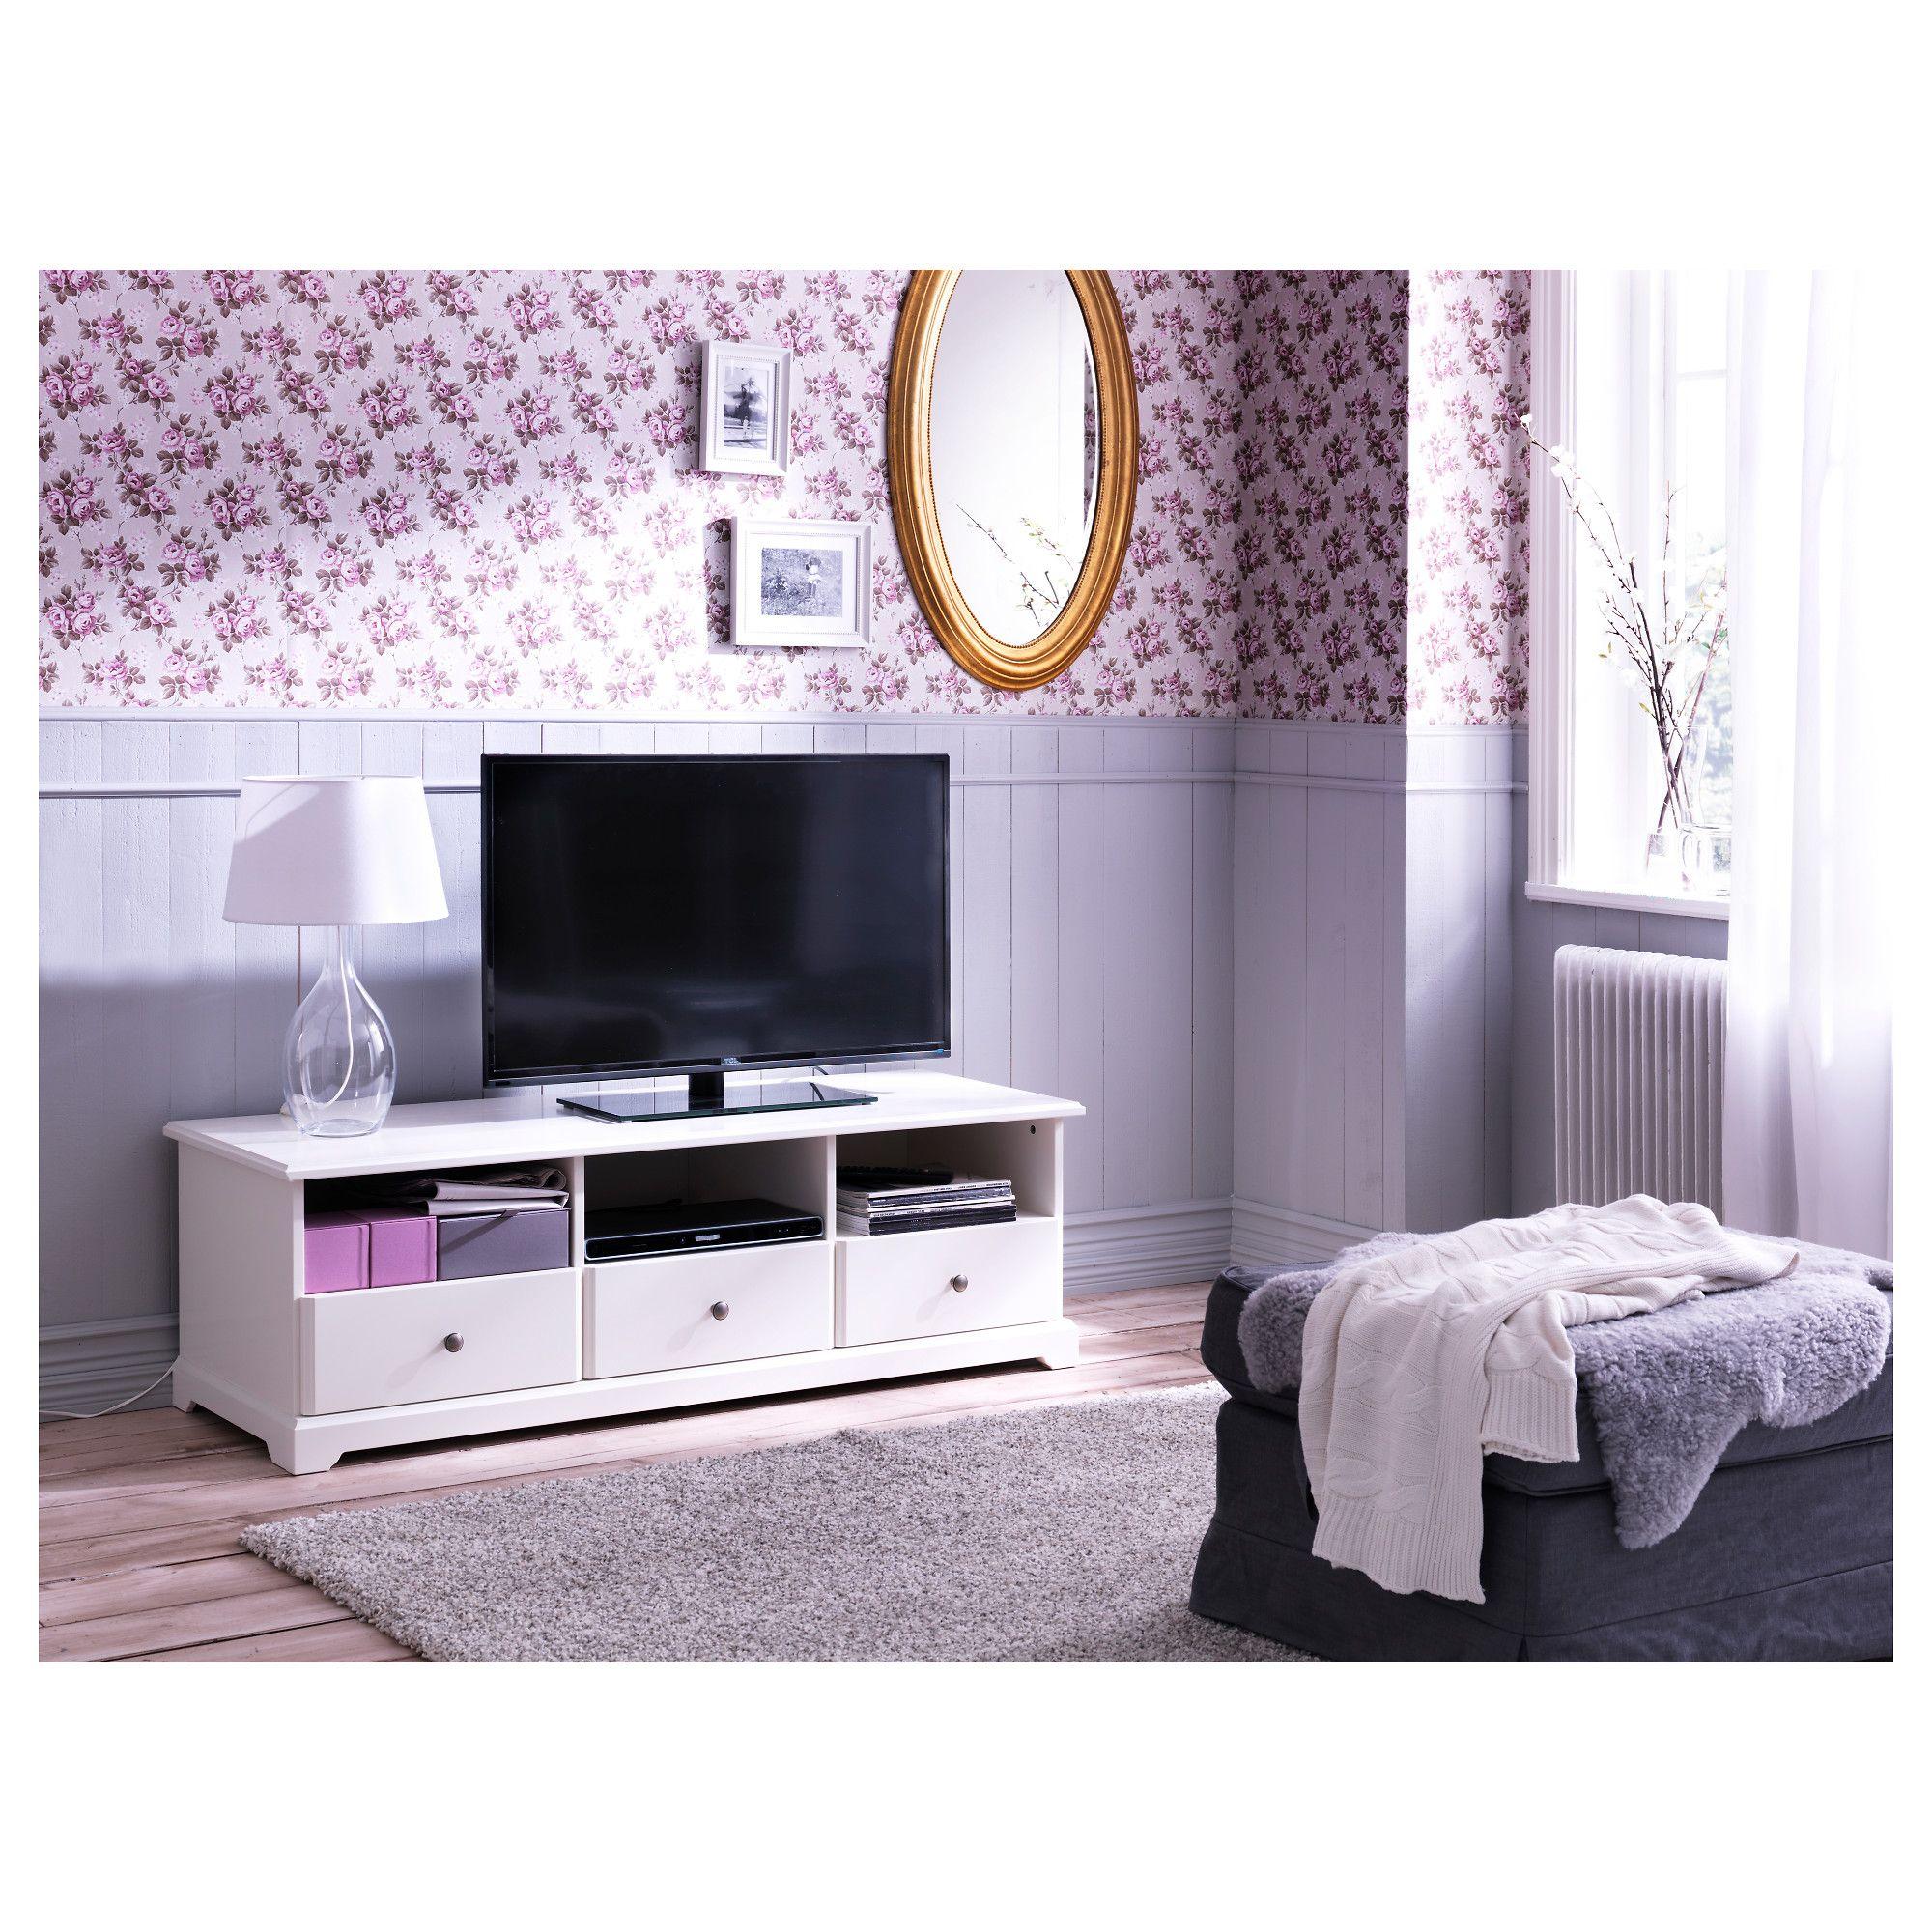 d80c77f18433ccaf1e0f3e897af86cf0 Impressionnant De Ikea Table Exterieur Conception